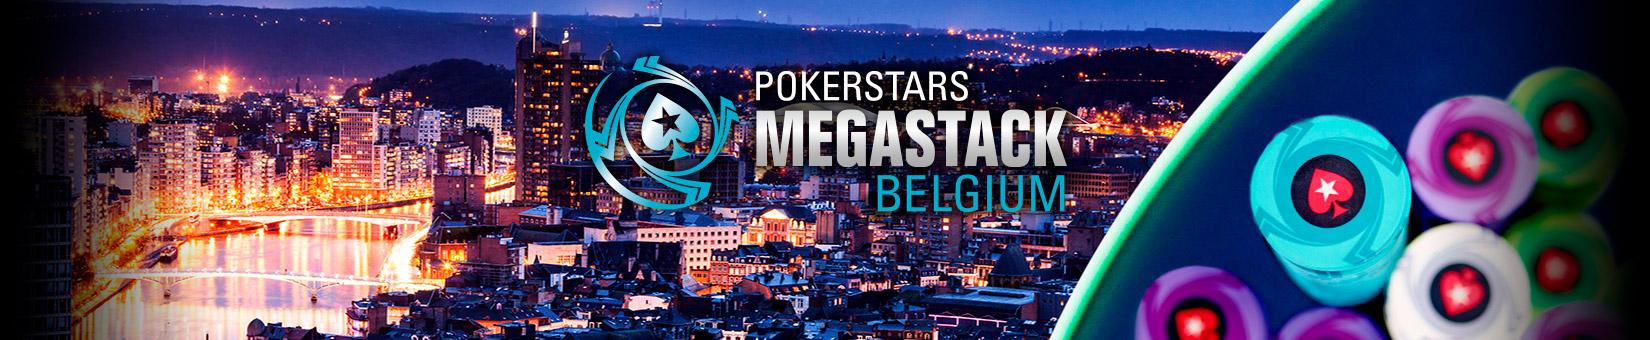 PokerStars MEGASTACK Белгия